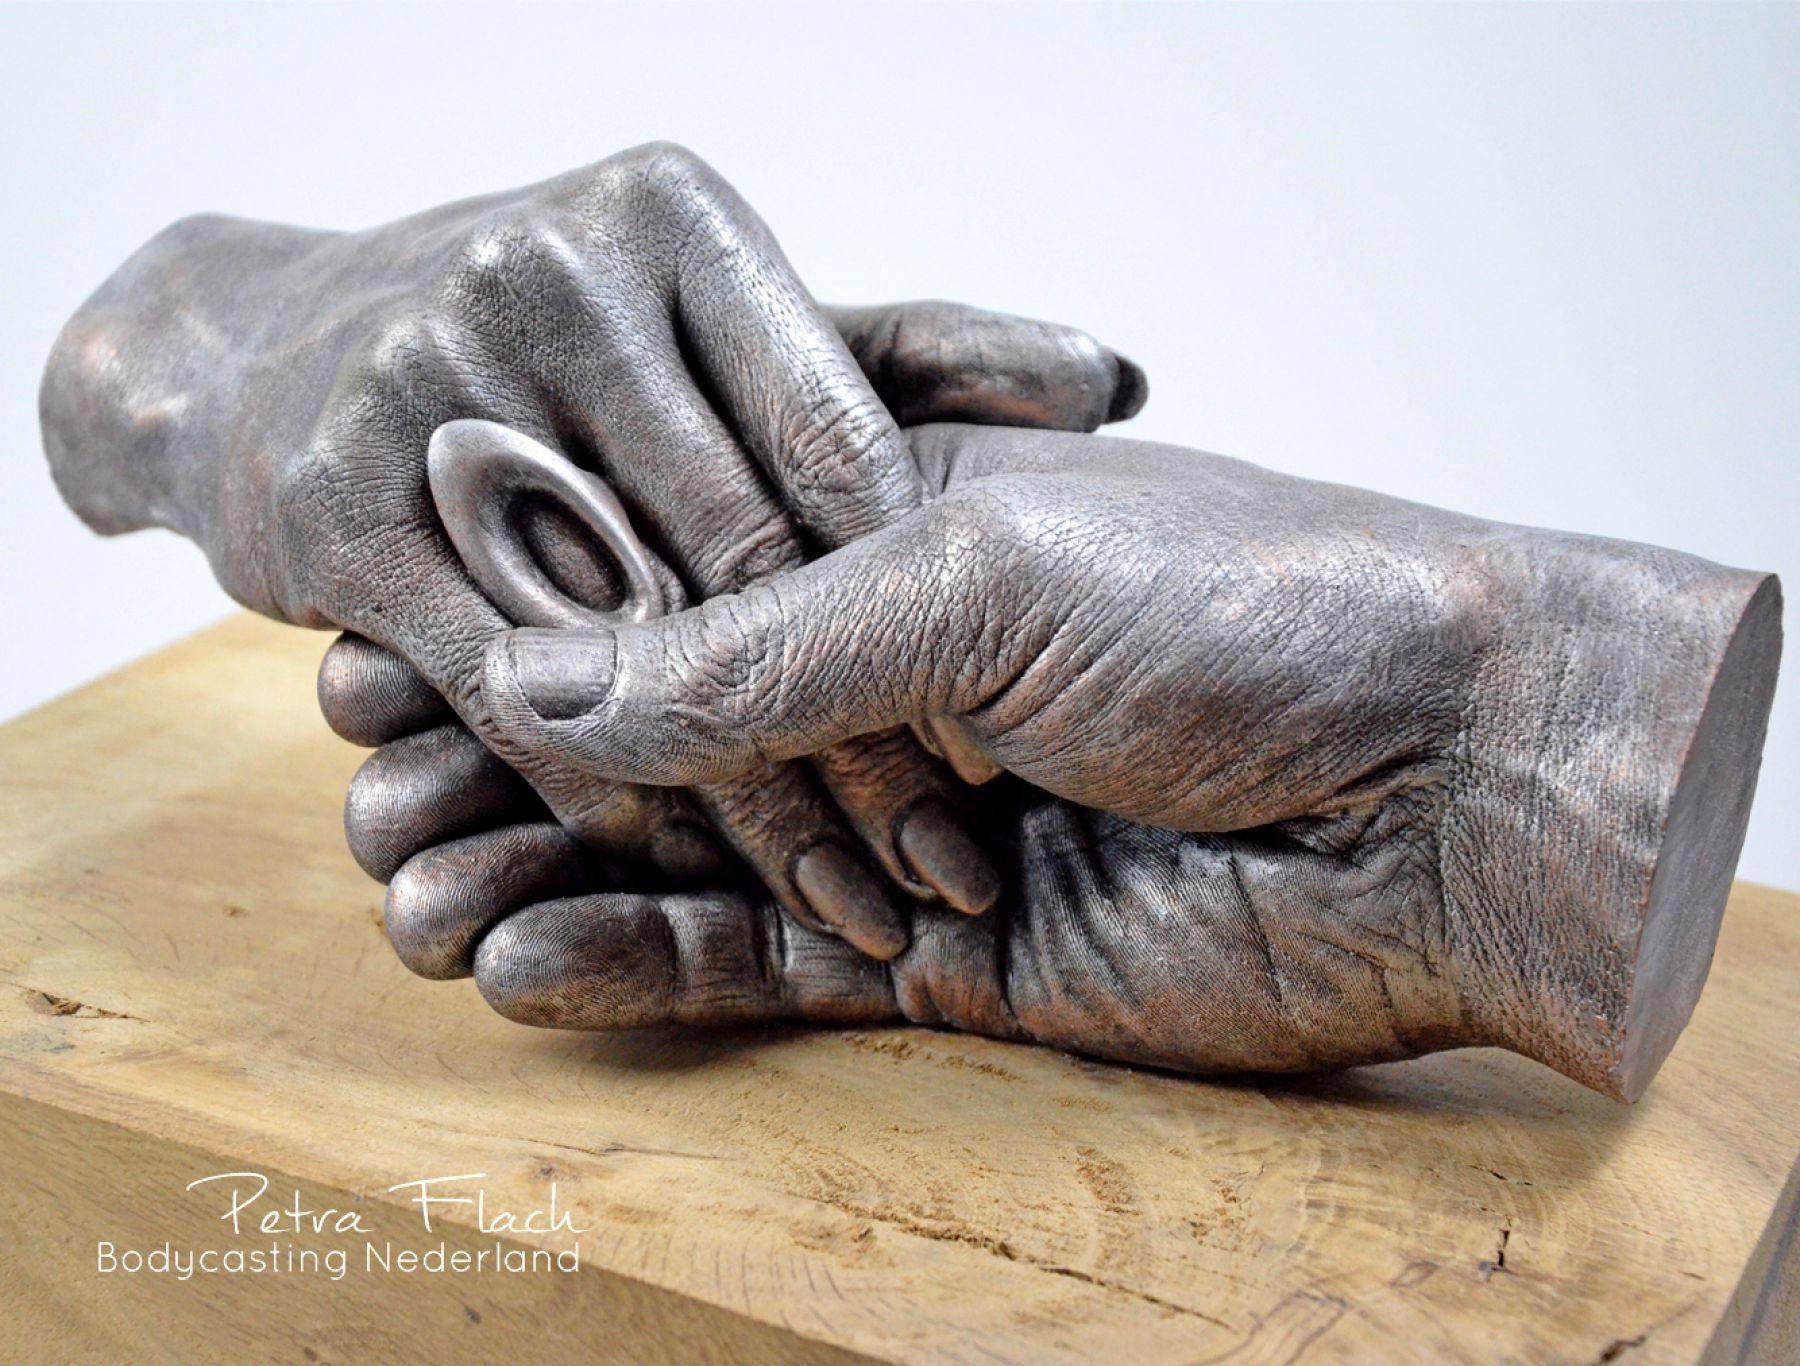 Bodycasting-lifecasting-petraflach-handgreep-handen-hands-3D-casting-kunst-art-liefde-bodycastingnederland-handbeeld-handafdruk-gipsafdruk